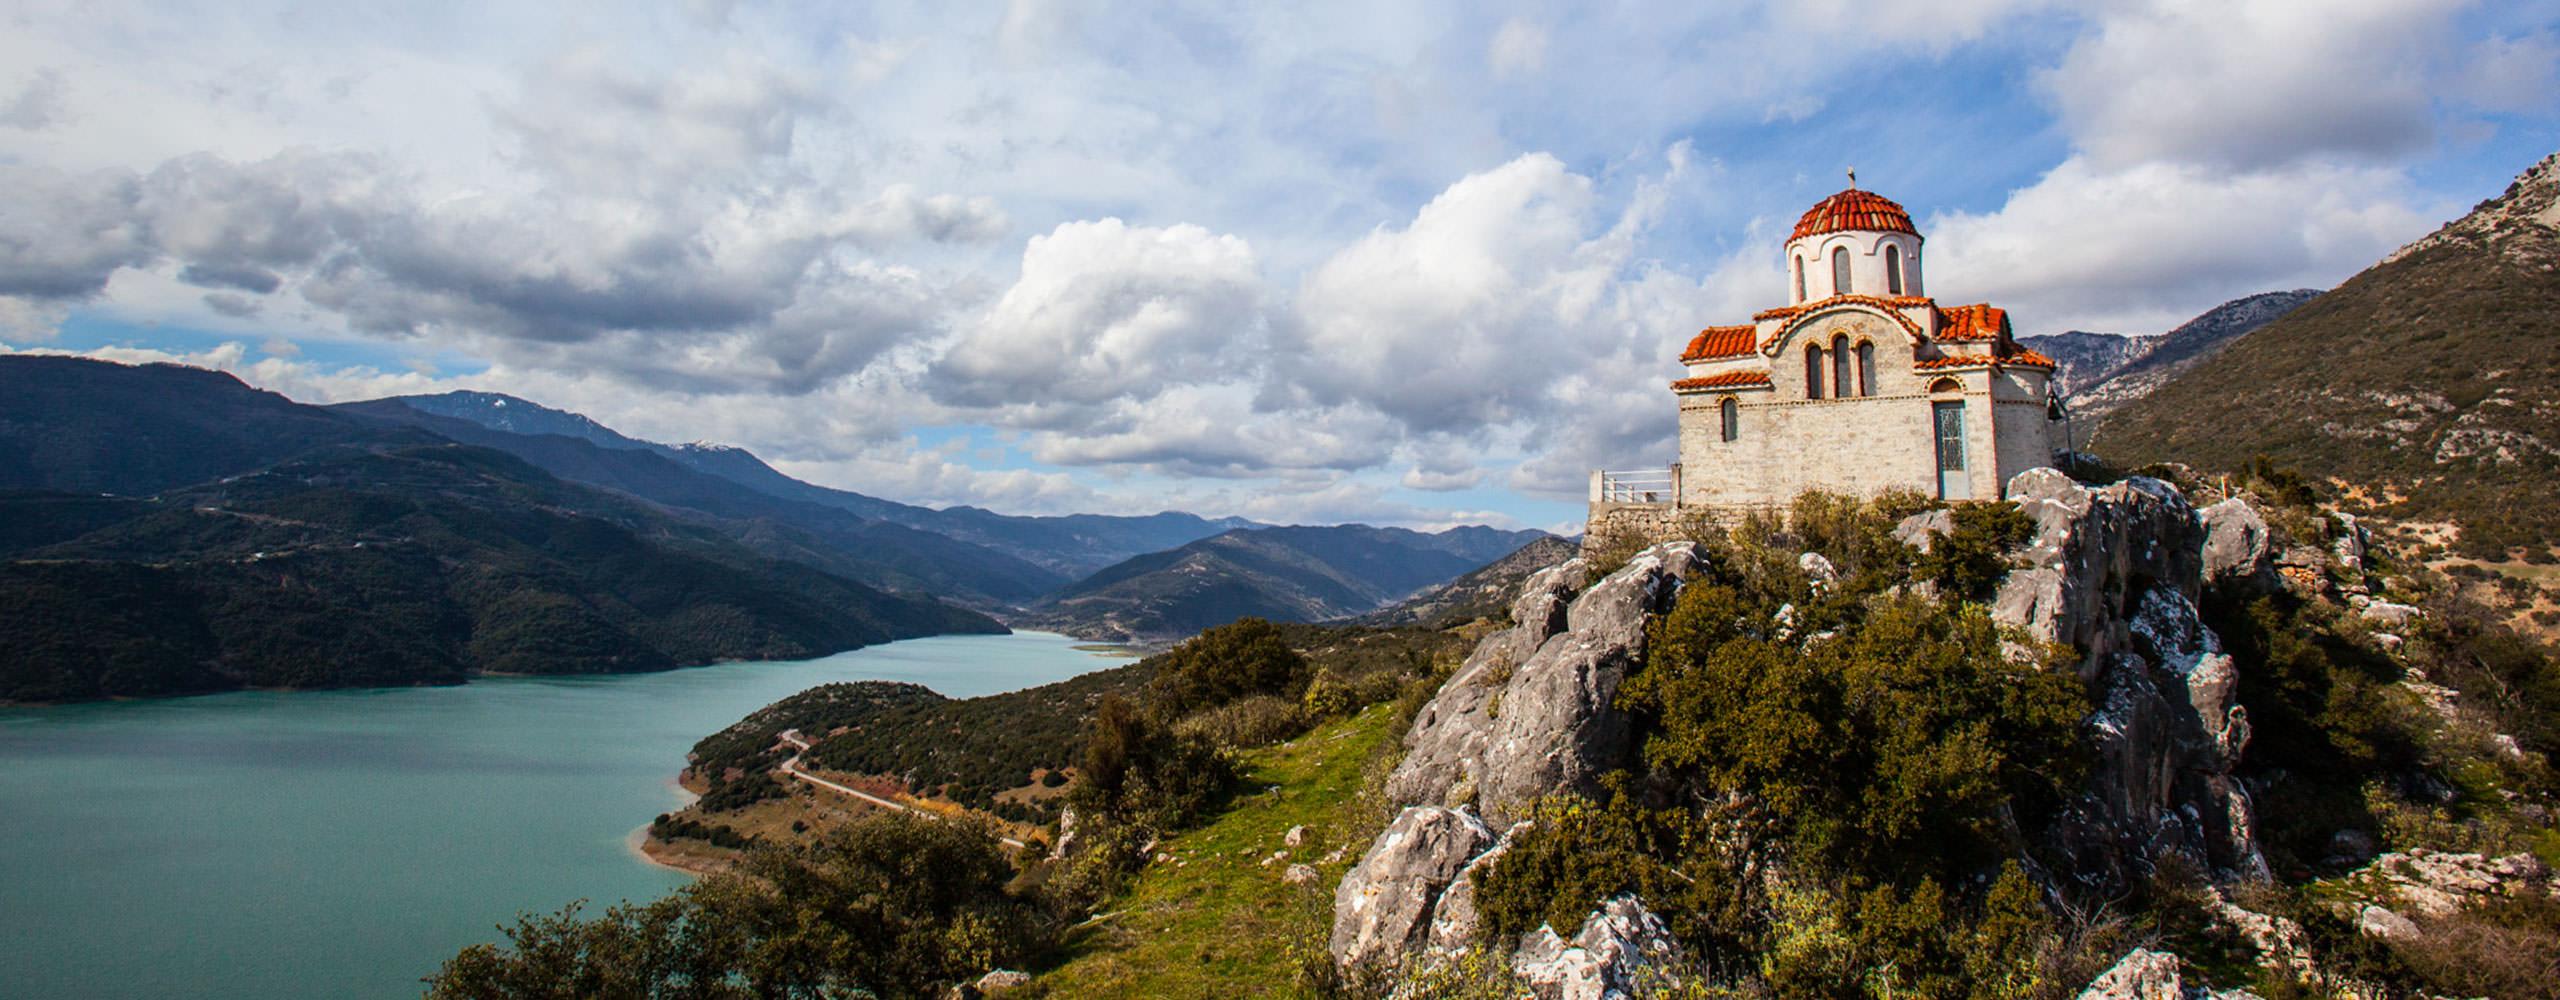 7 דברים שכדאי לדעת על טיול ביוון ההררית